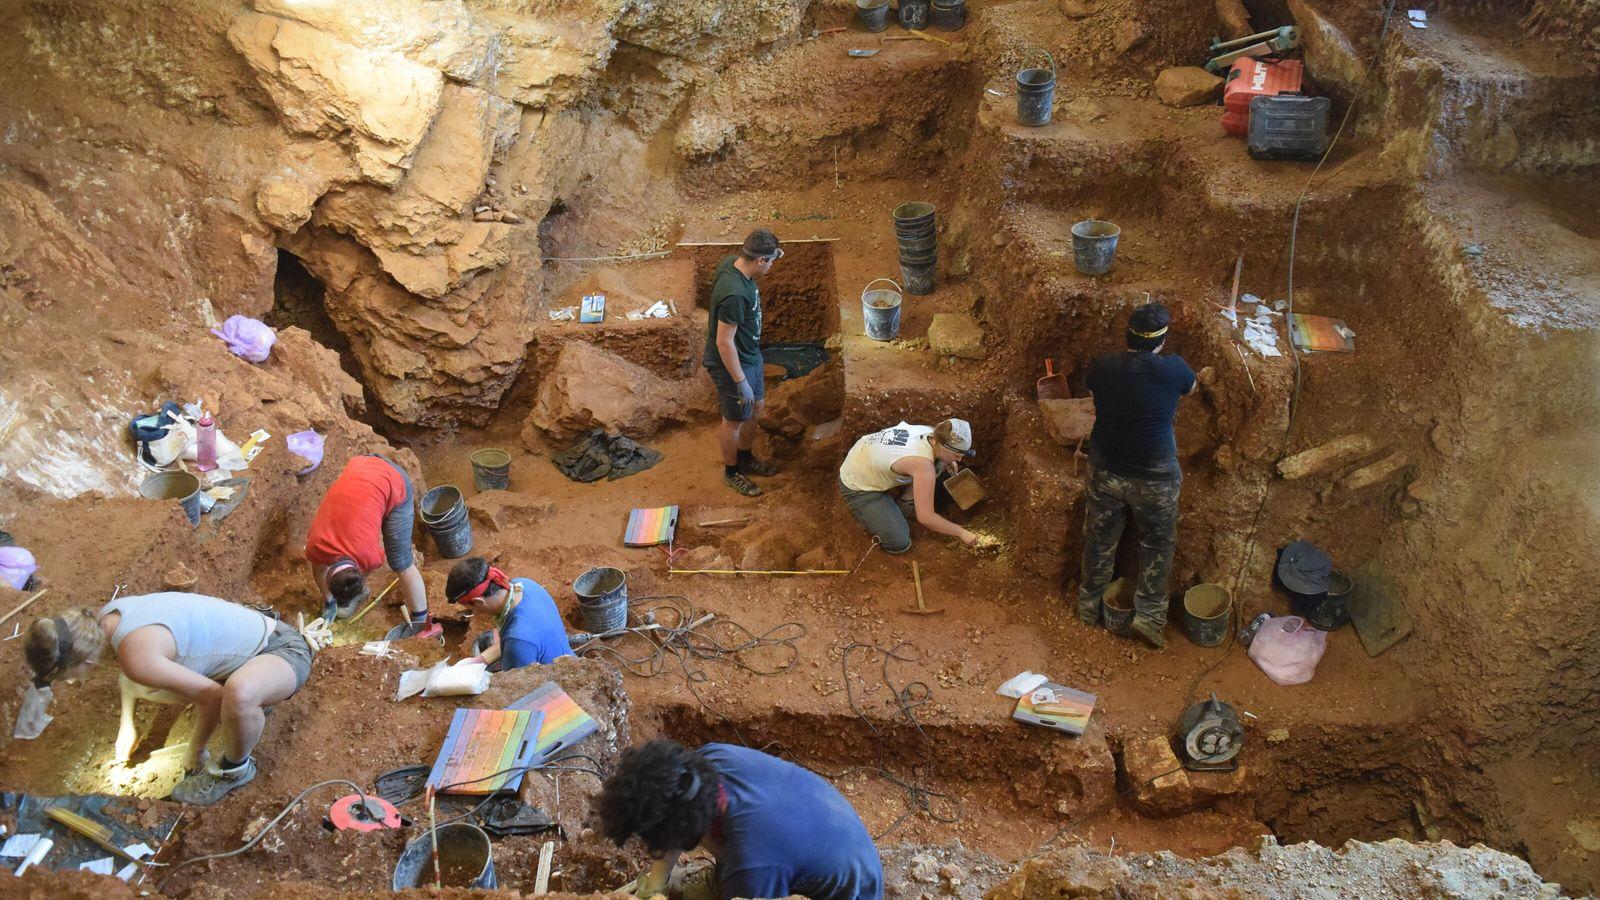 Os trabalhos arqueológicos na Lapa do Picareiro que conduziram à publicação do artigo na revista Proceedings of the National Academy ...